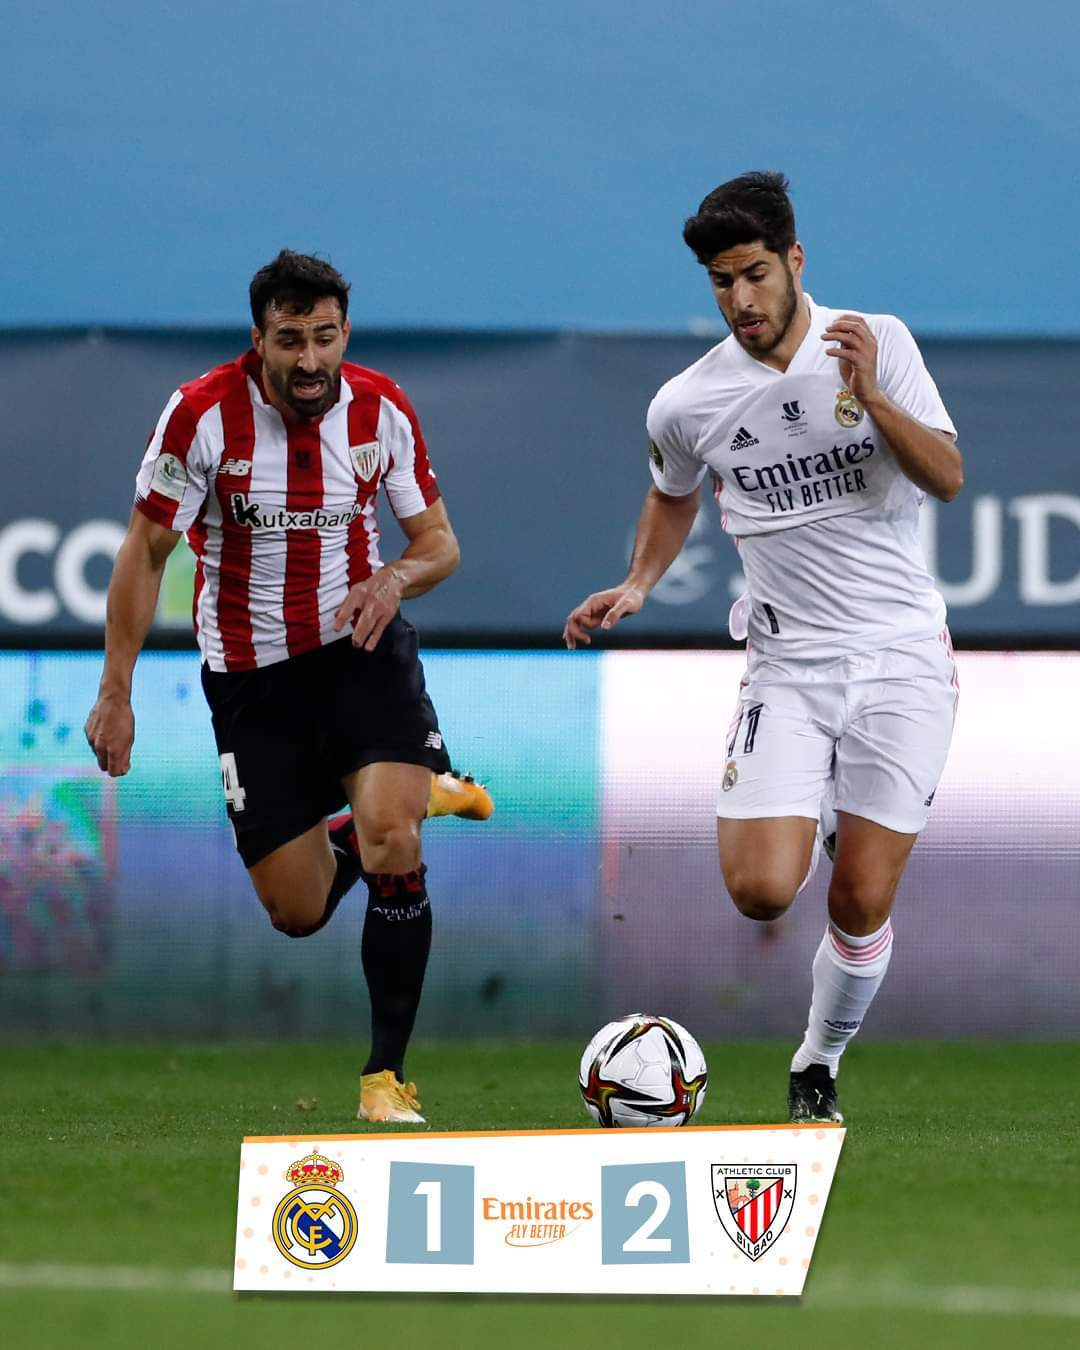 Thua đau Bilbao, Real Madrid vỡ mộng 'Kinh điển' ở chung kết